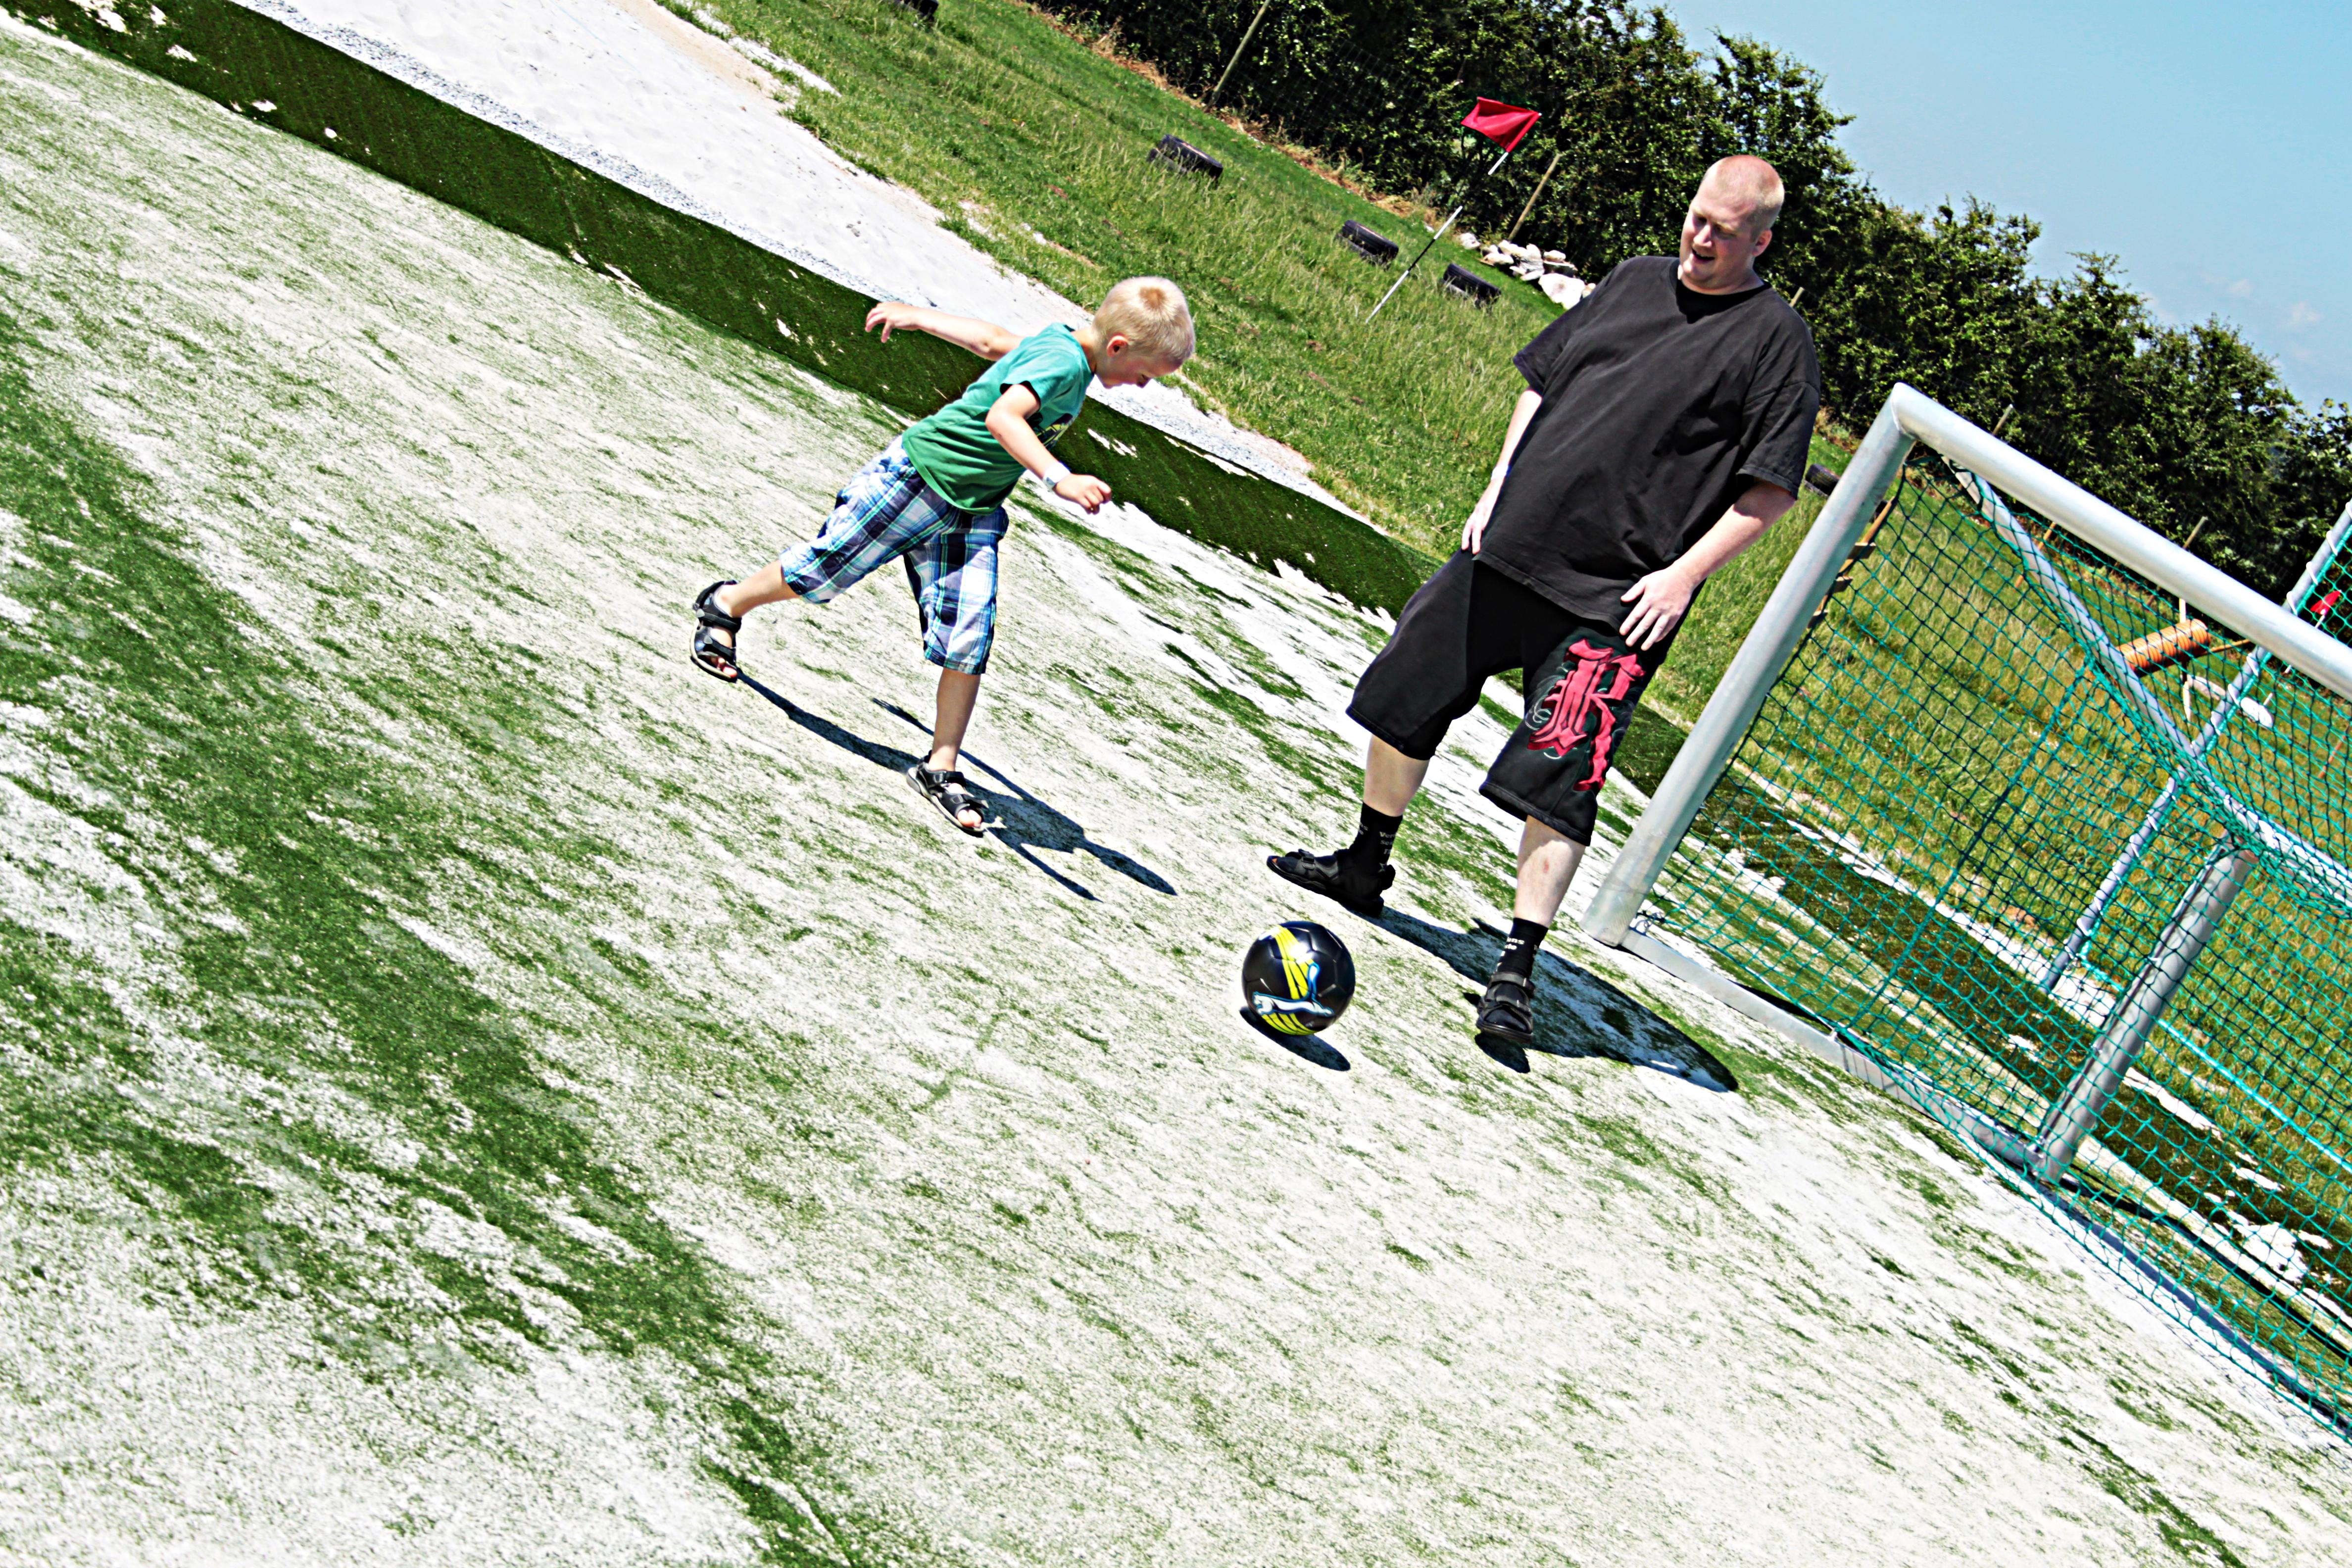 legeland jump a lot fodbold (1).jpg